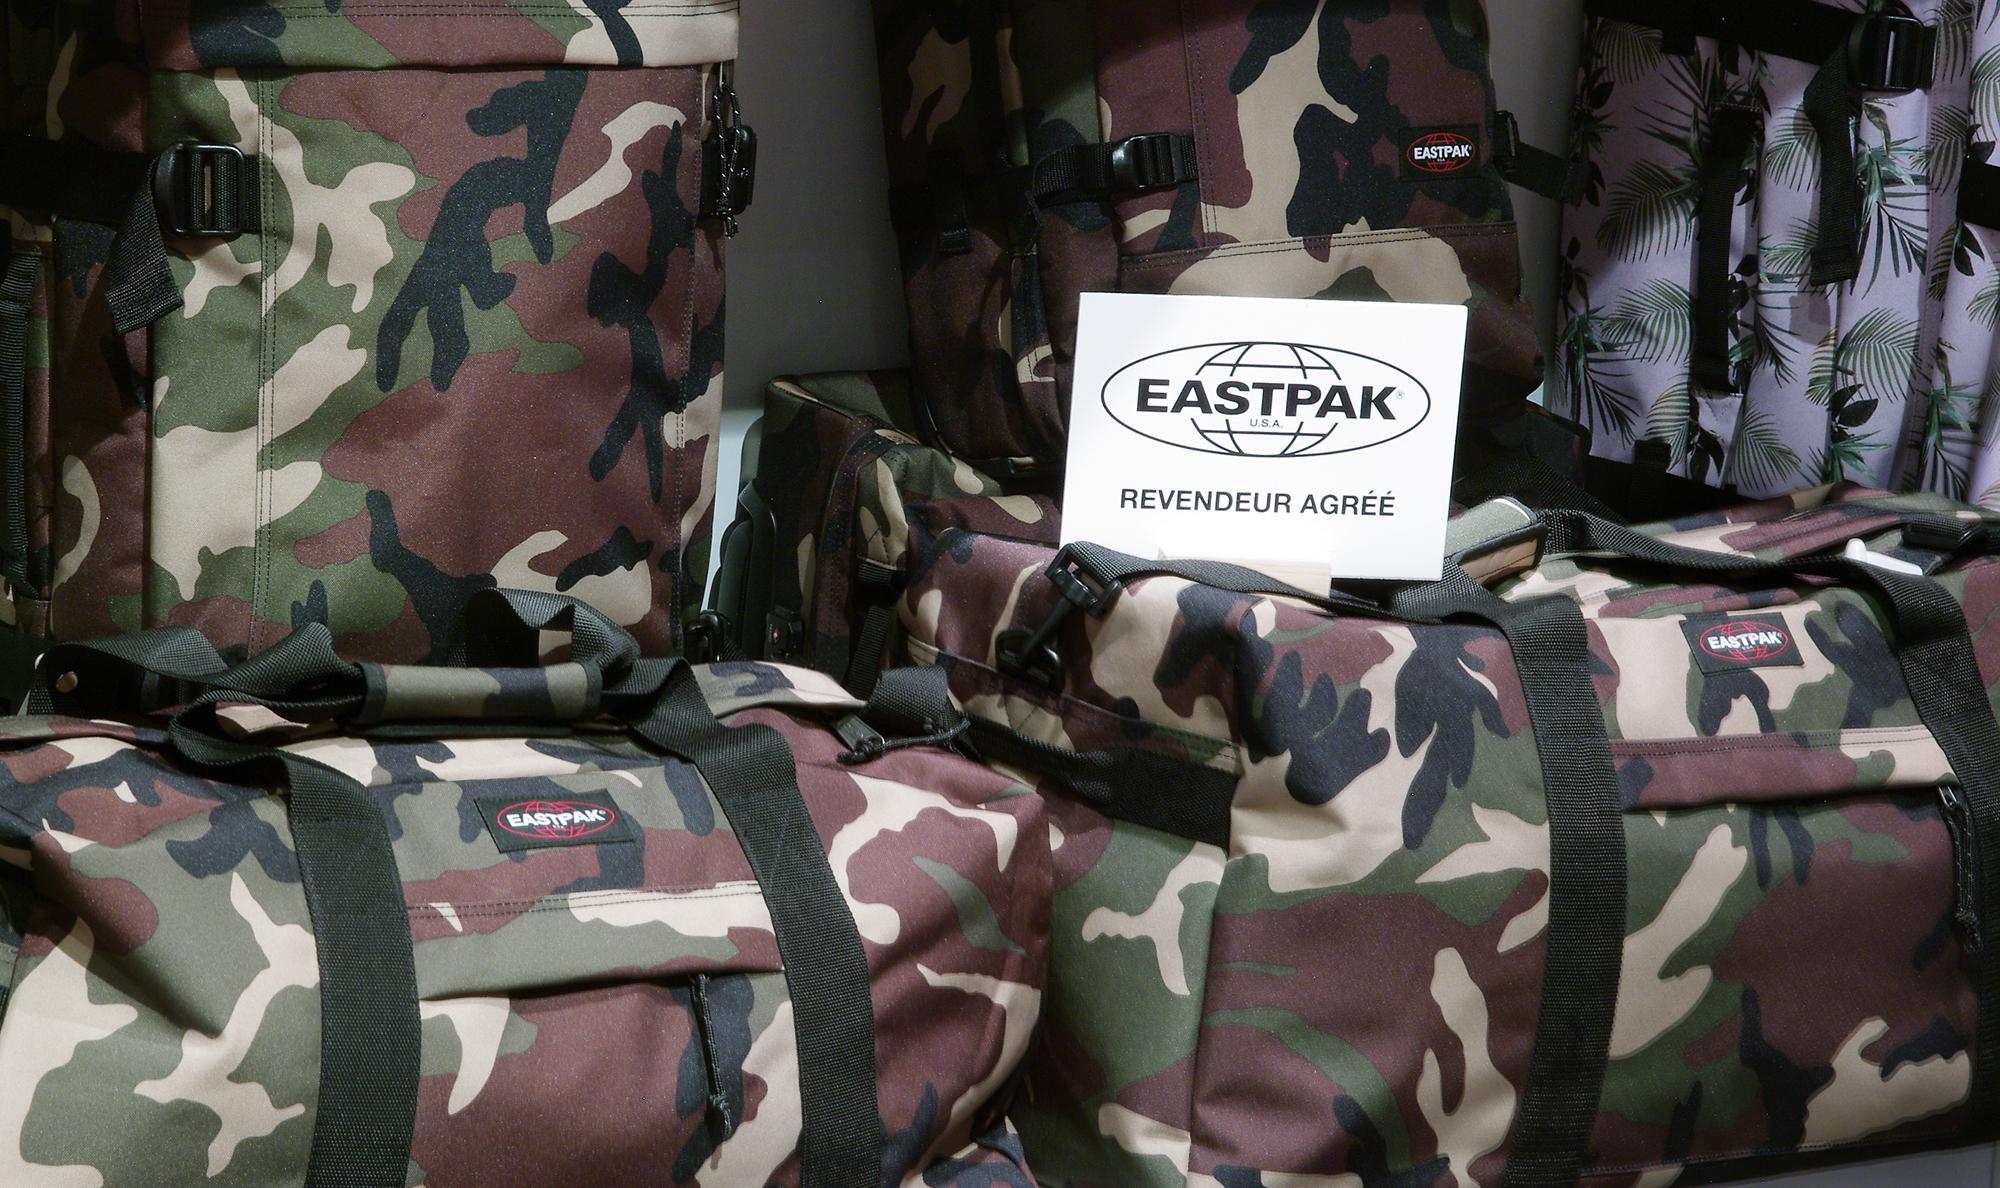 La Sacoche - Revendeur agrée Eastpak